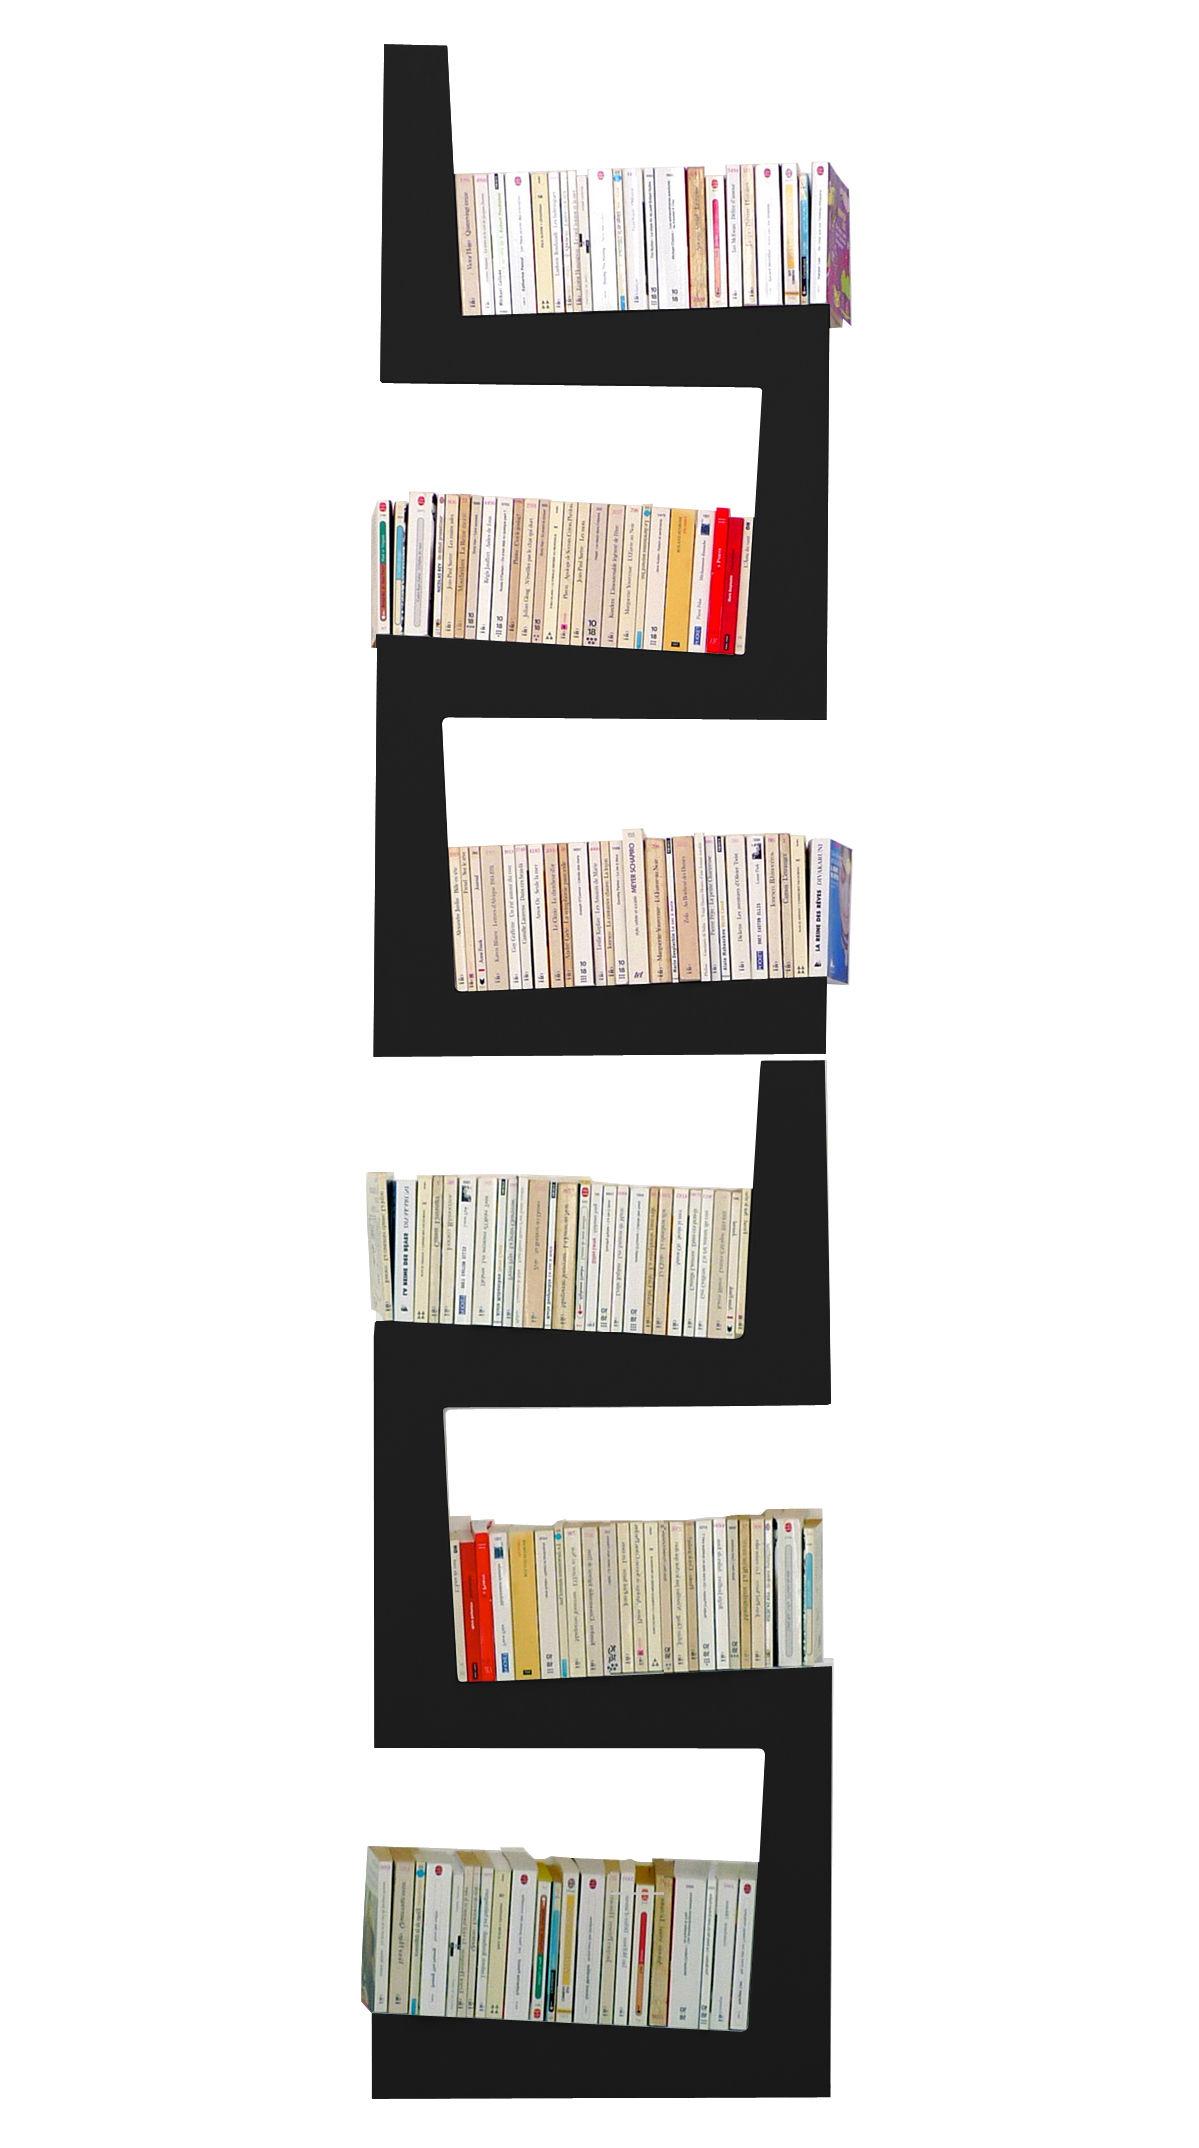 Möbel - Regale und Bücherregale - TwoSnakes Regal 2-er Set - Exklusivmodell in limitierter Auflage - La Corbeille - schwarz - lackierte Holzfaserplatte